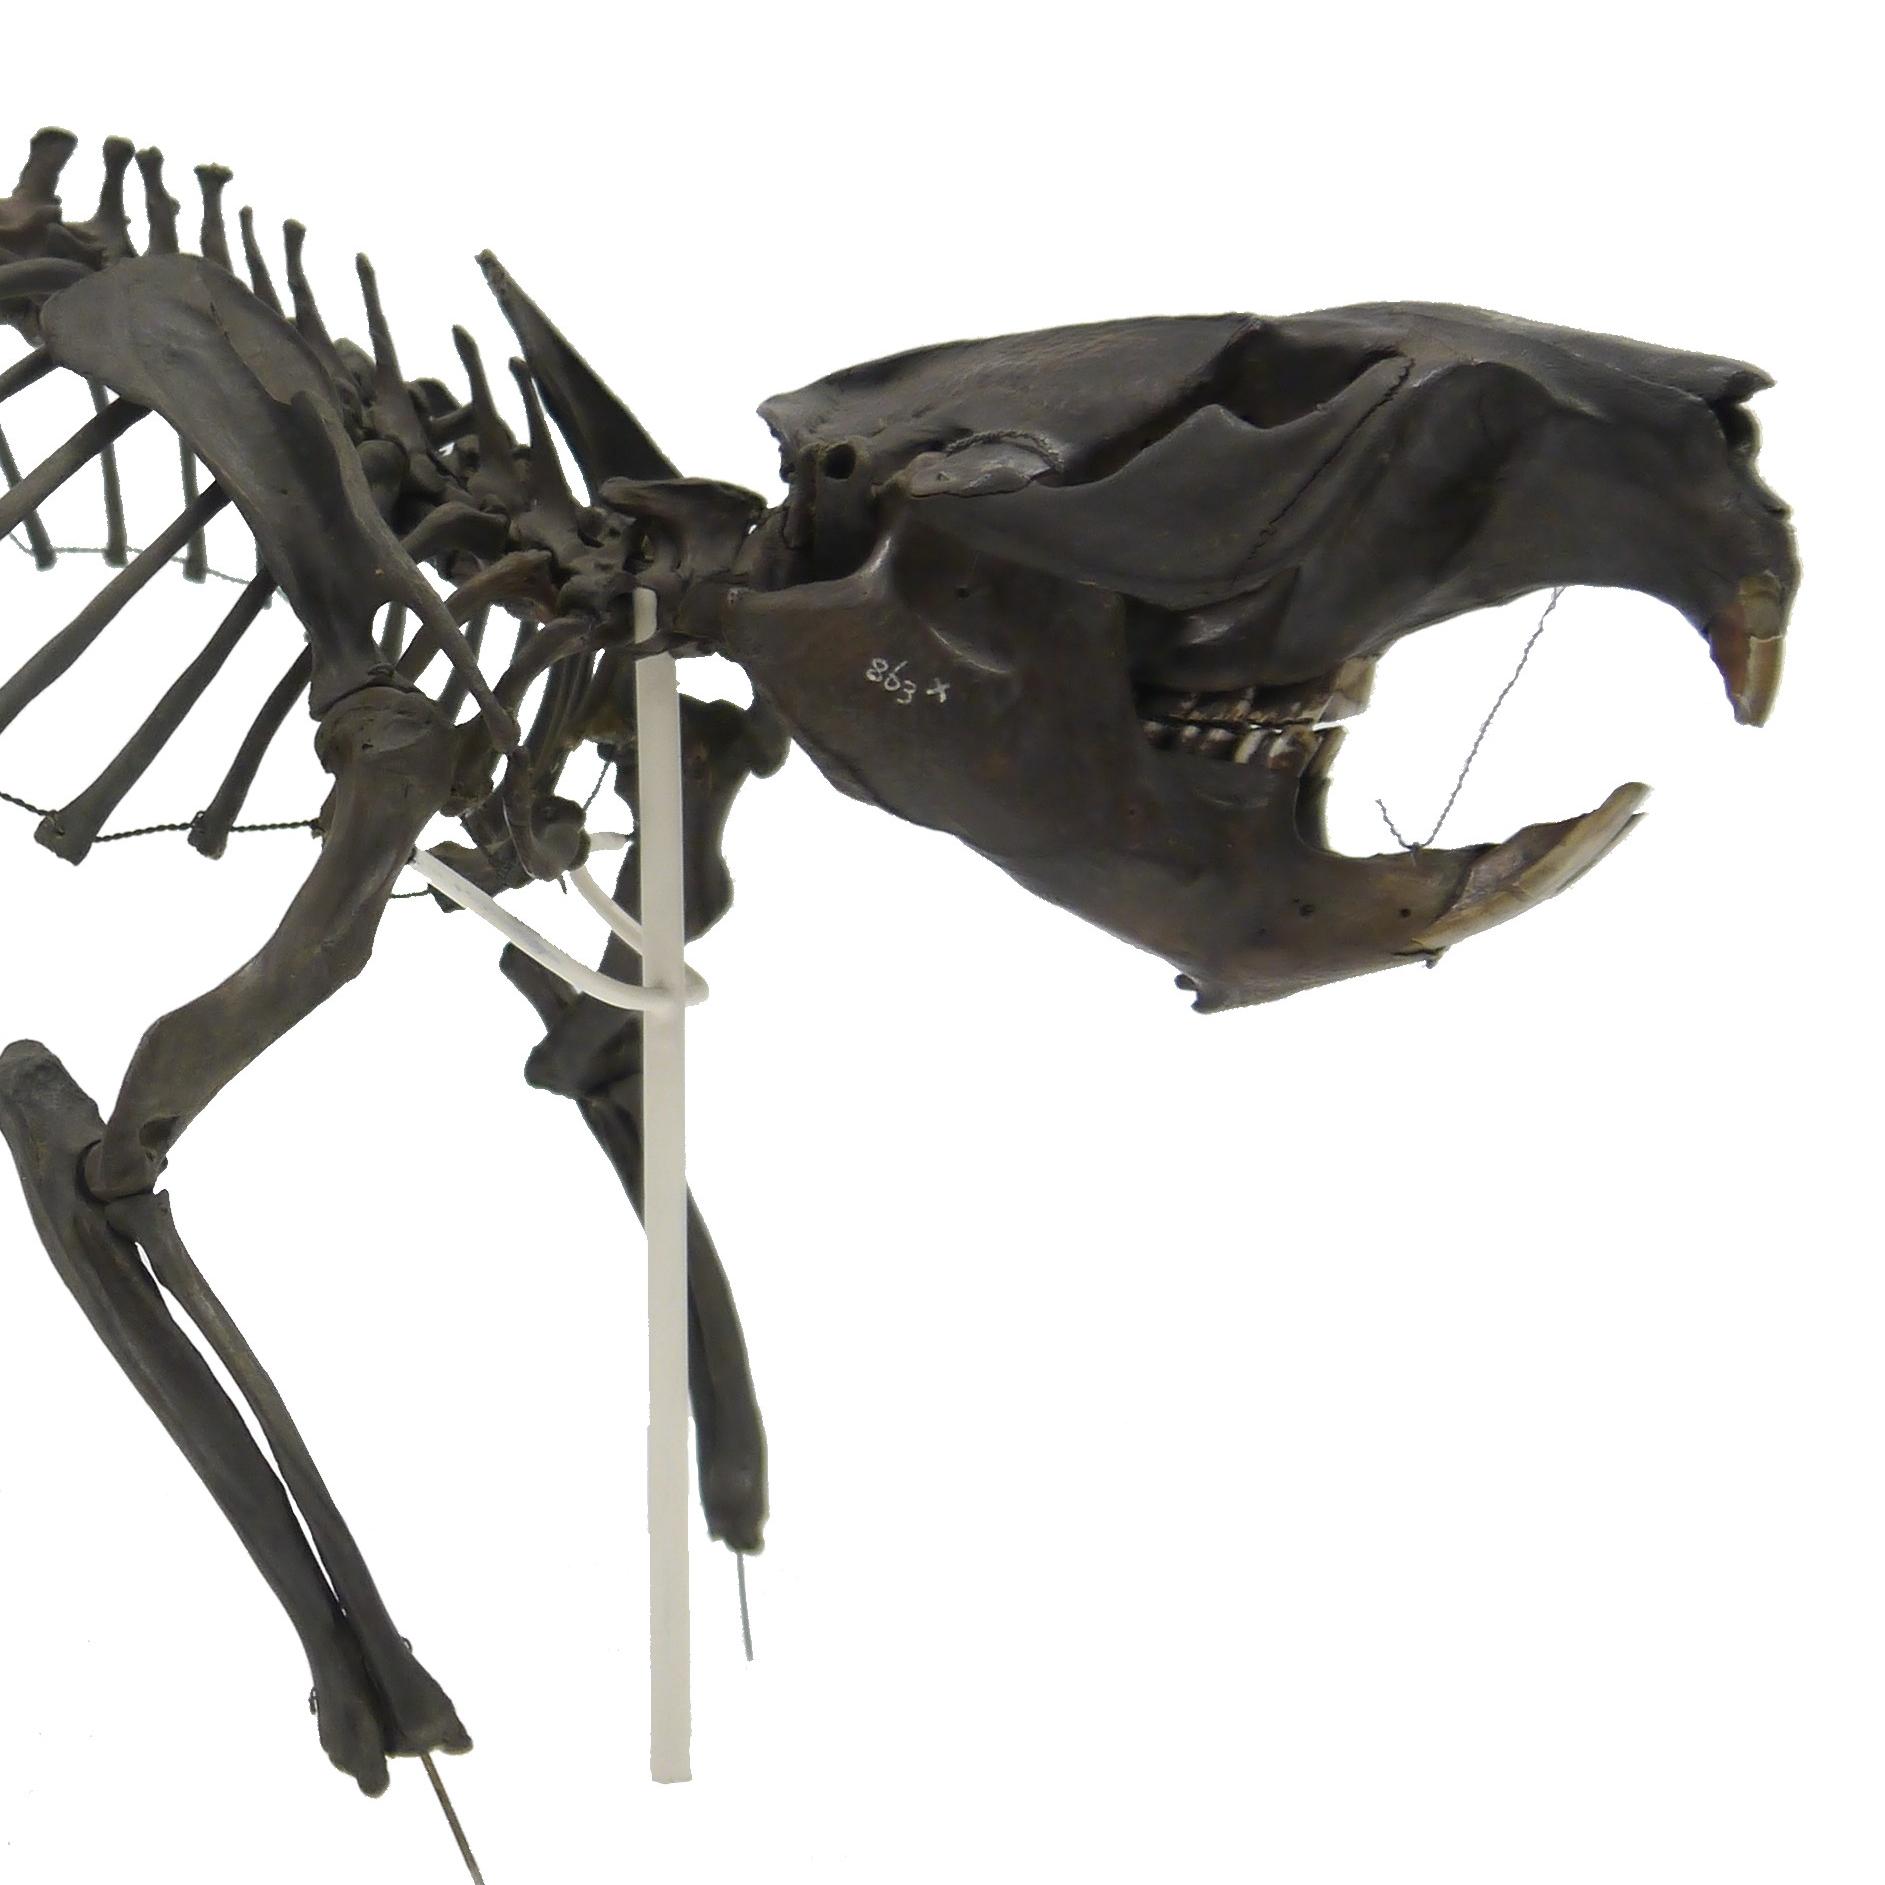 Beaver skeleton from Burwell Fen